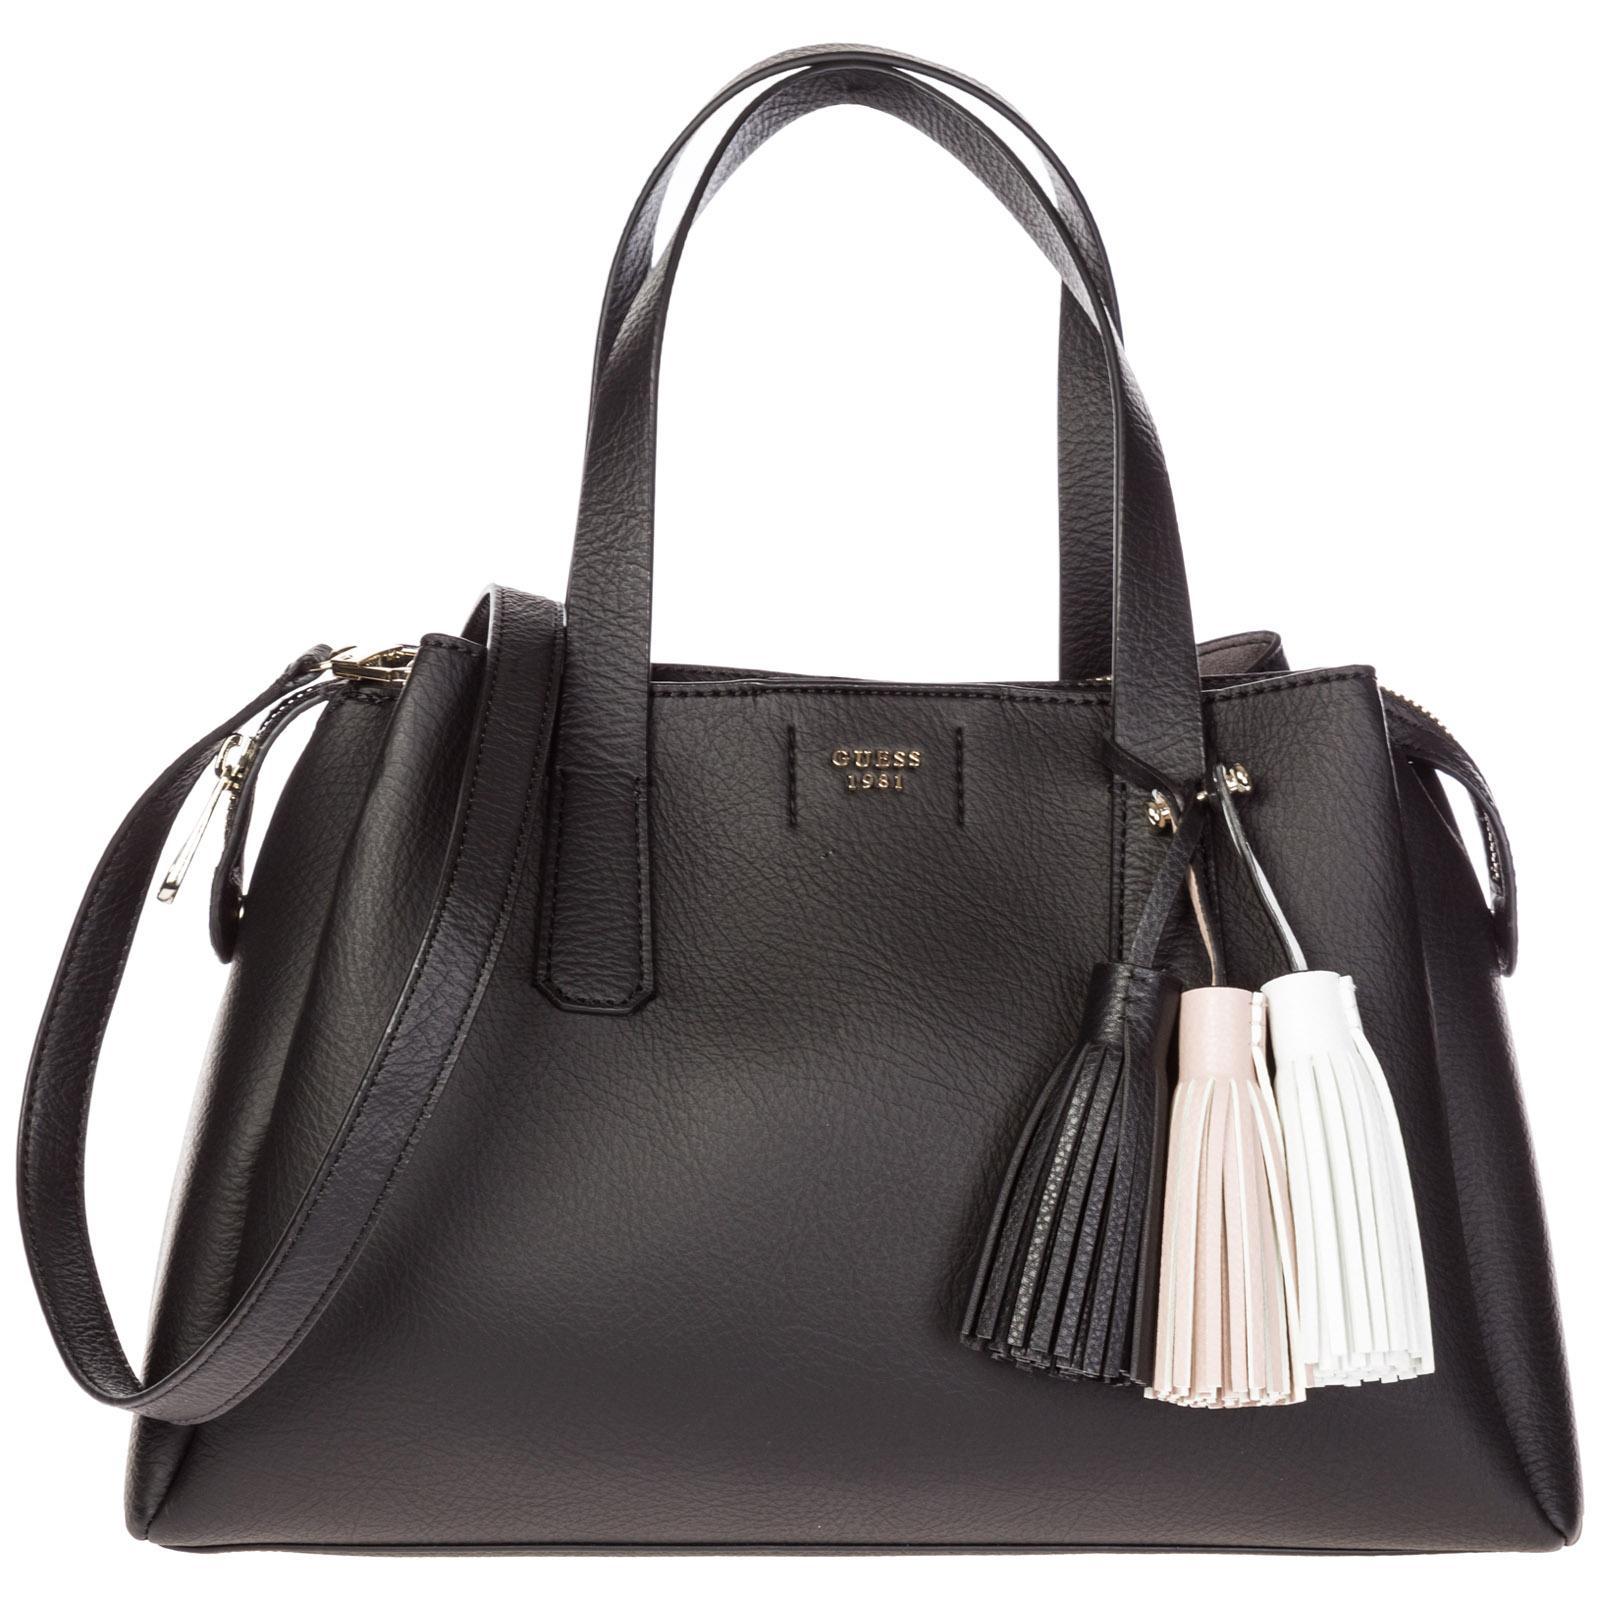 GUESS HANDTASCHE DAMEN Umhängetasche Bag Damentasche